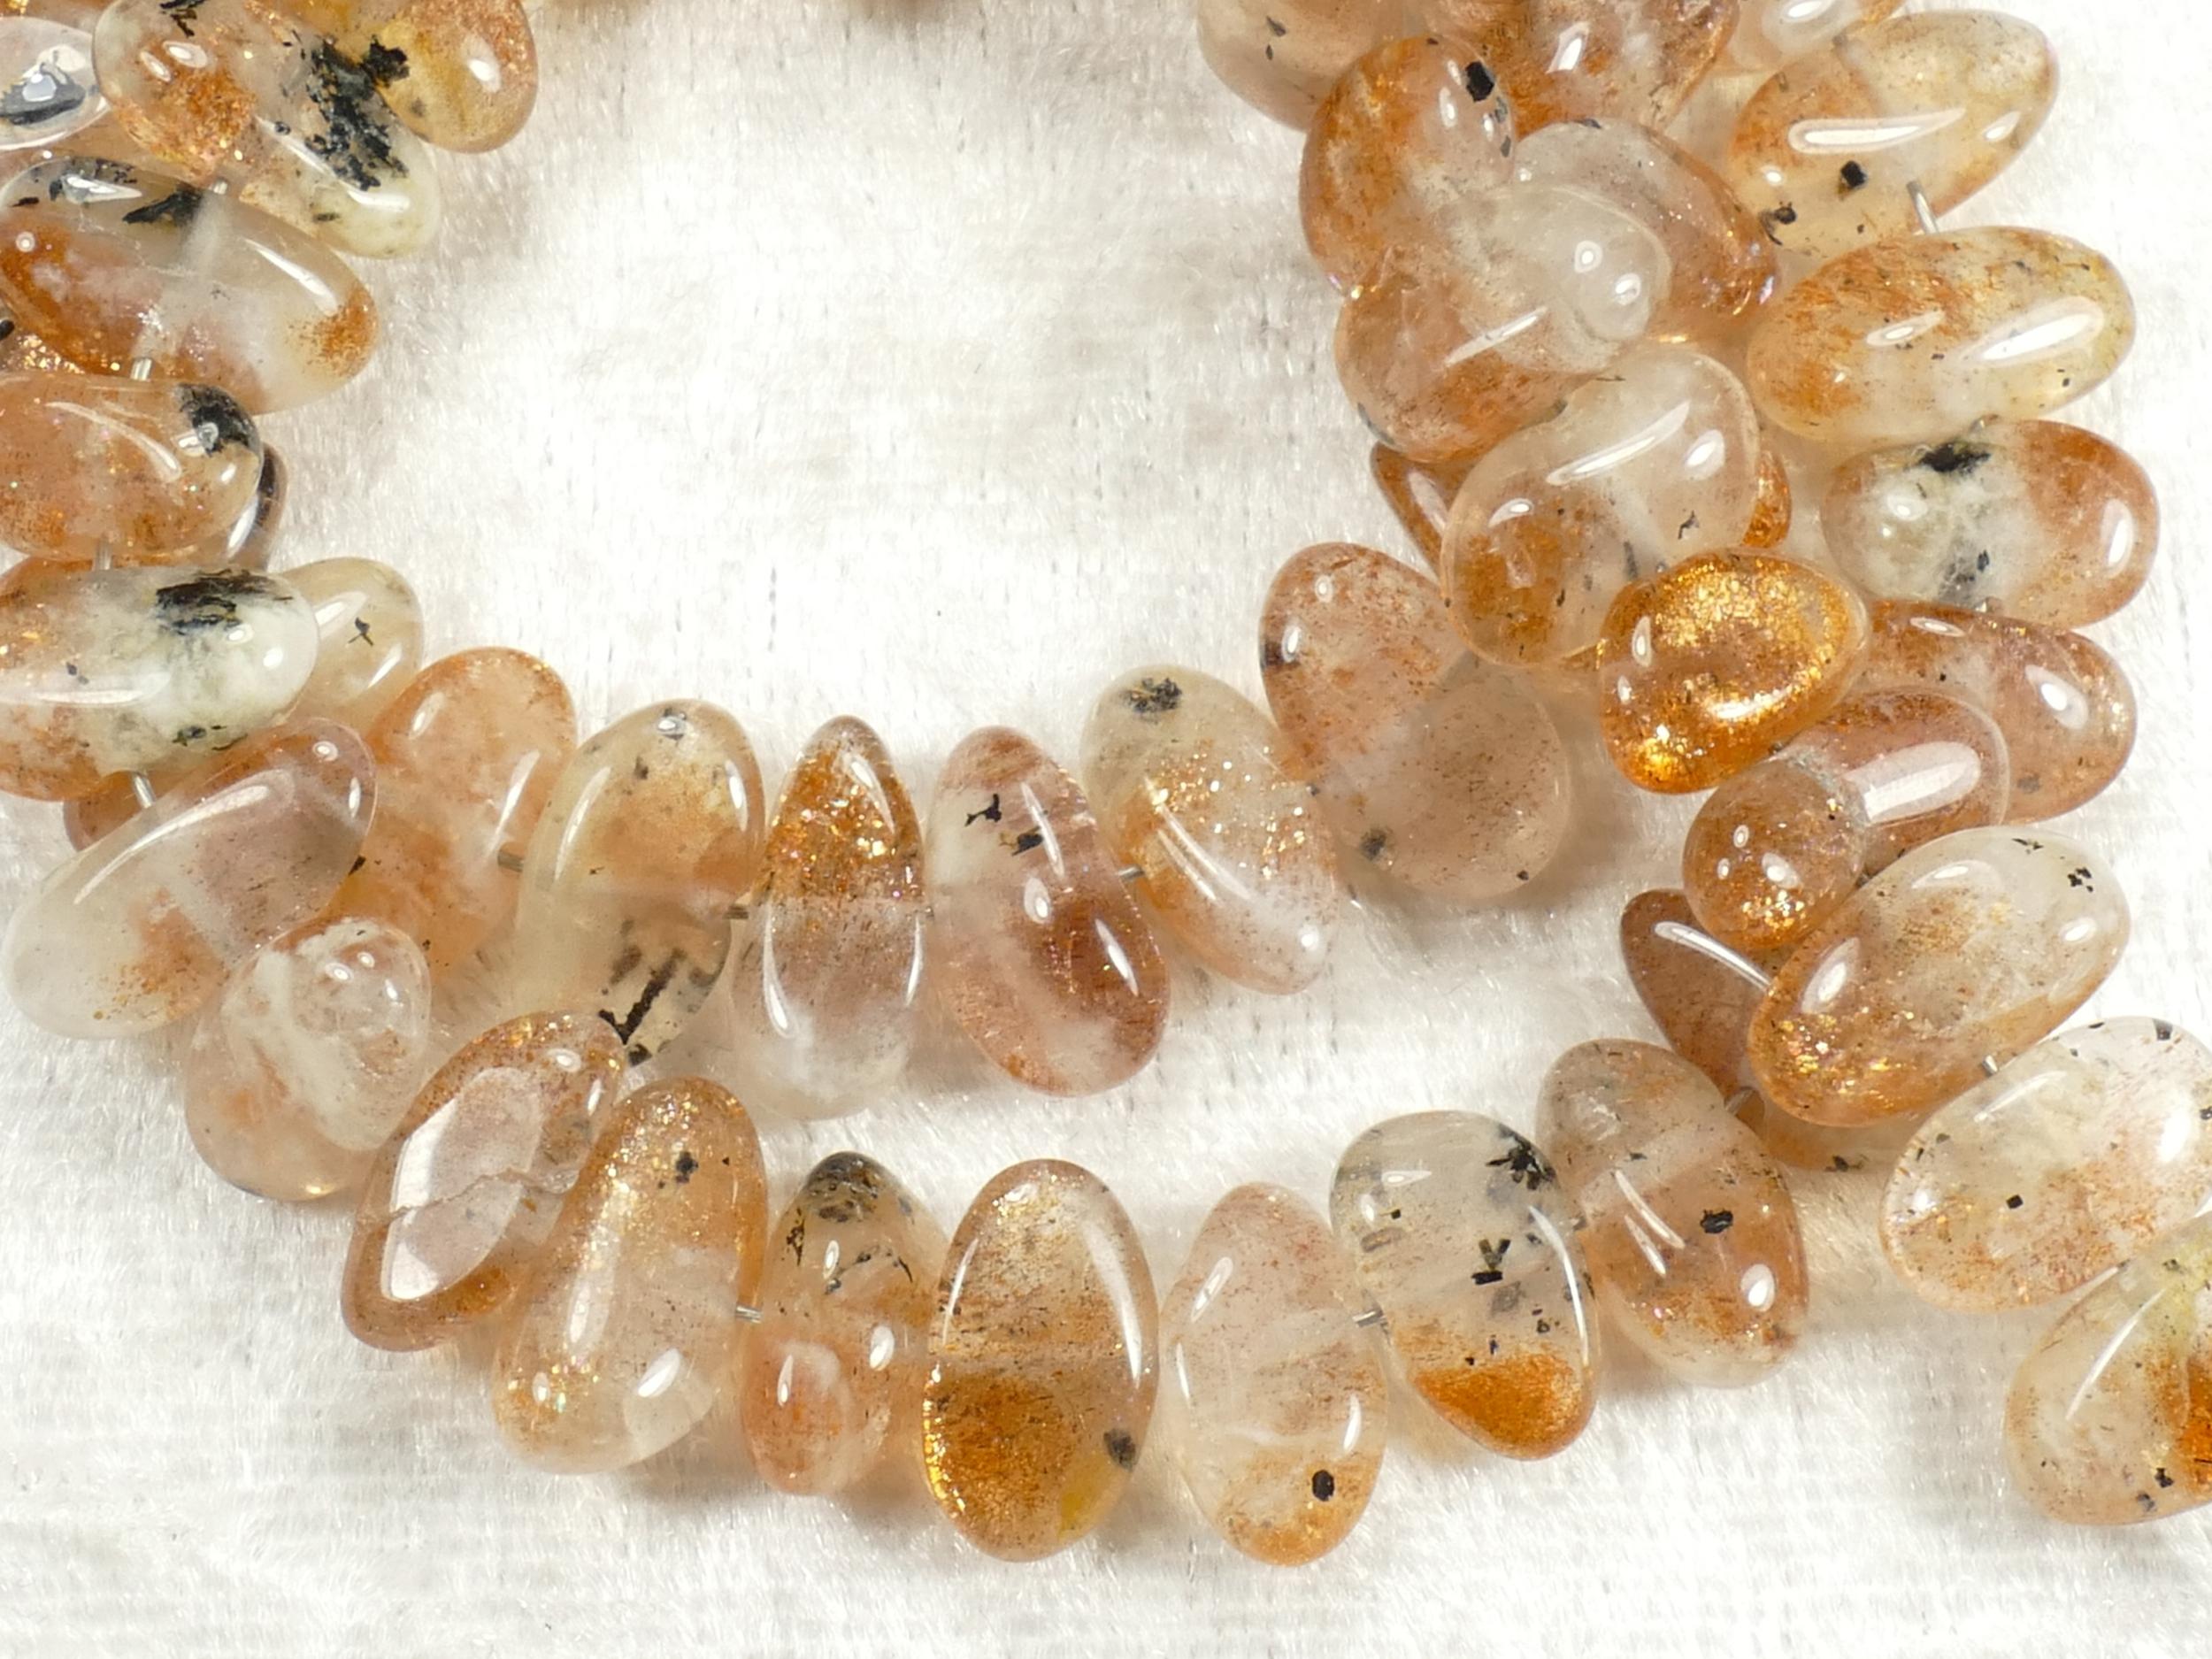 Perles de Pierre de soleil naturelle en ovale lisse transversal Inde x10cm (3.9inch) (#AC507)